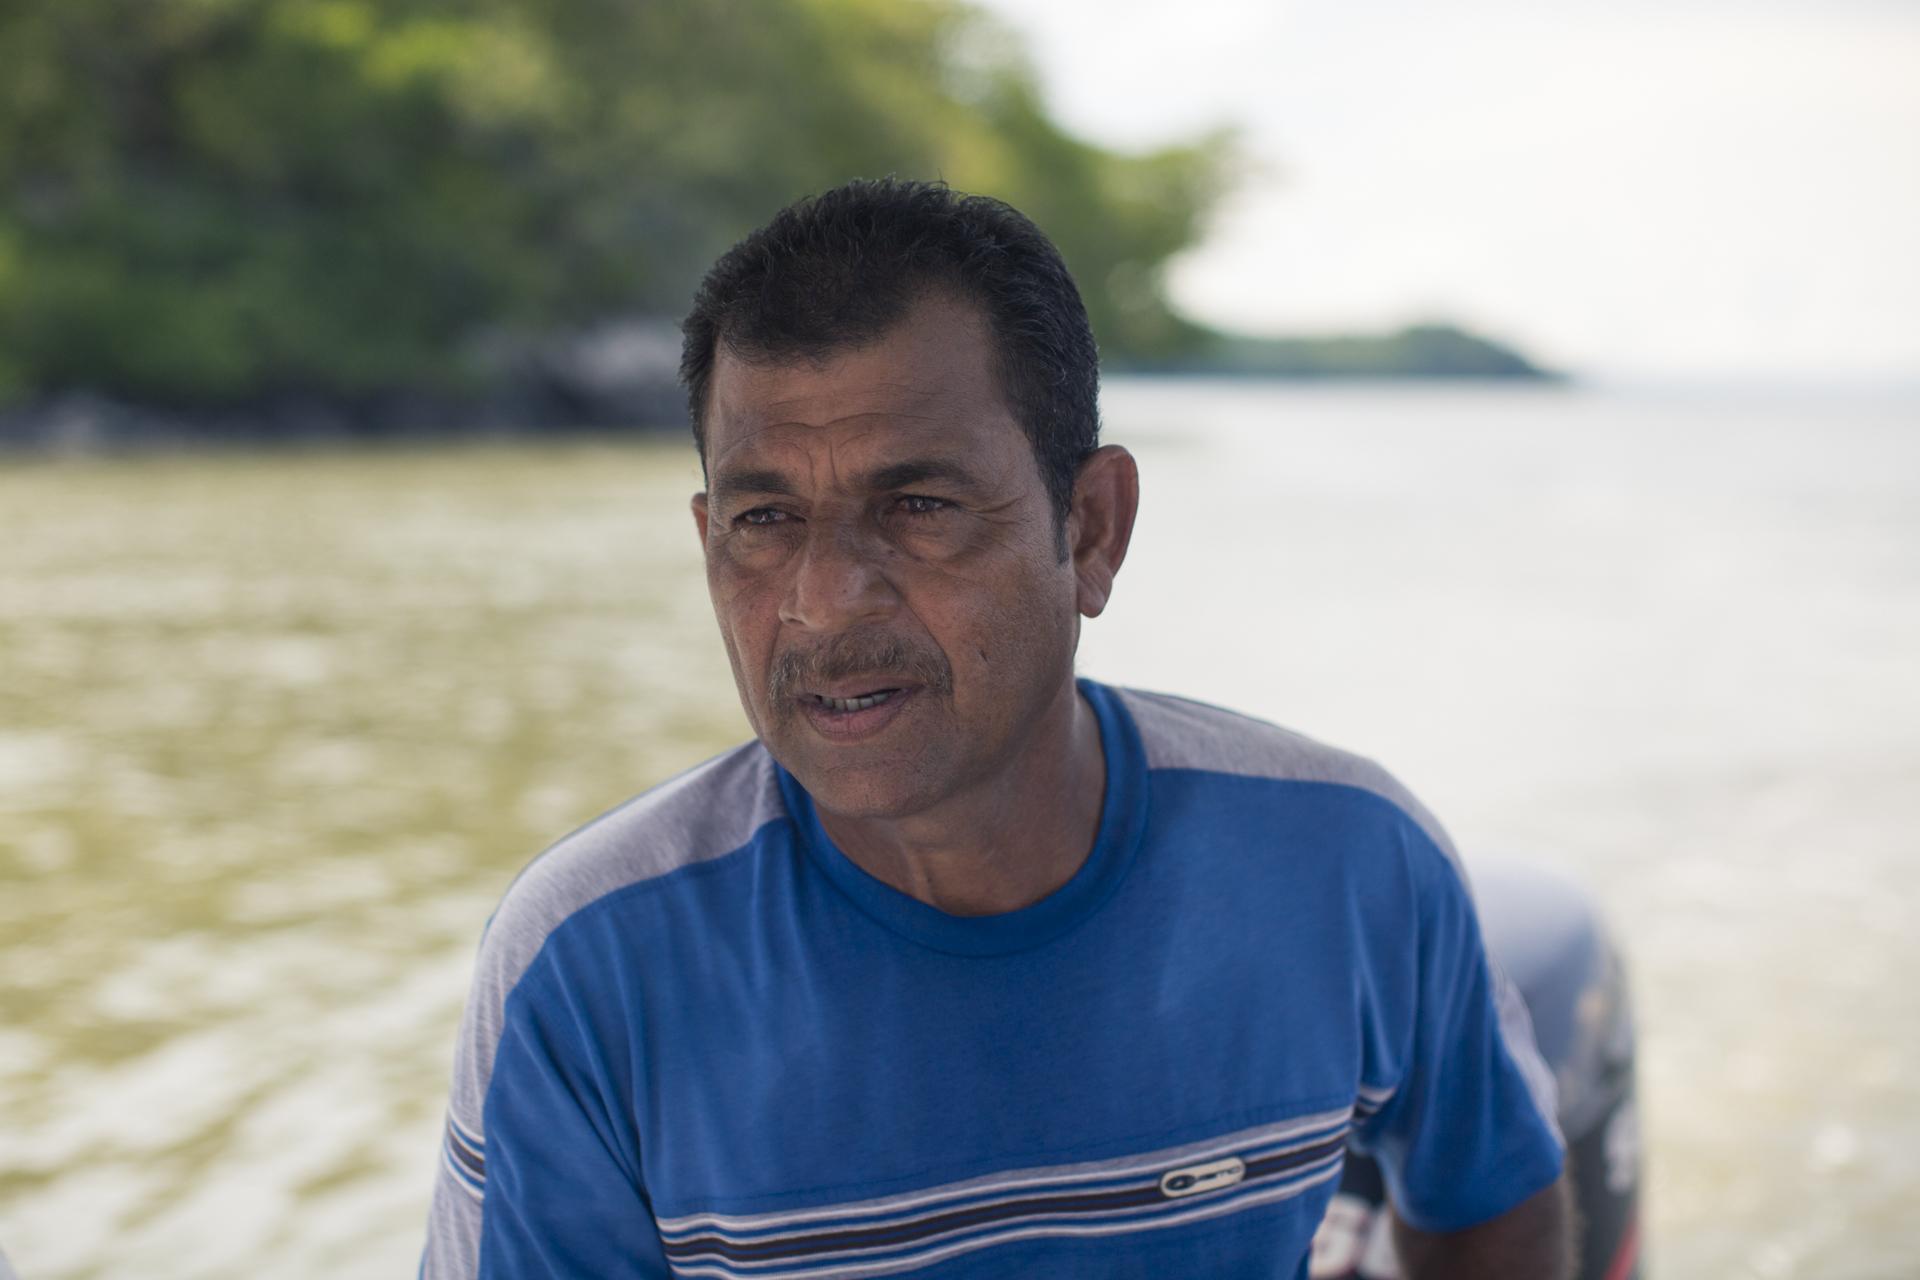 Muchos pescadores como don Rafael, han sufrido los cambios que conllevó la sobreexplotación de los recursos de Golfo de Nicoya.